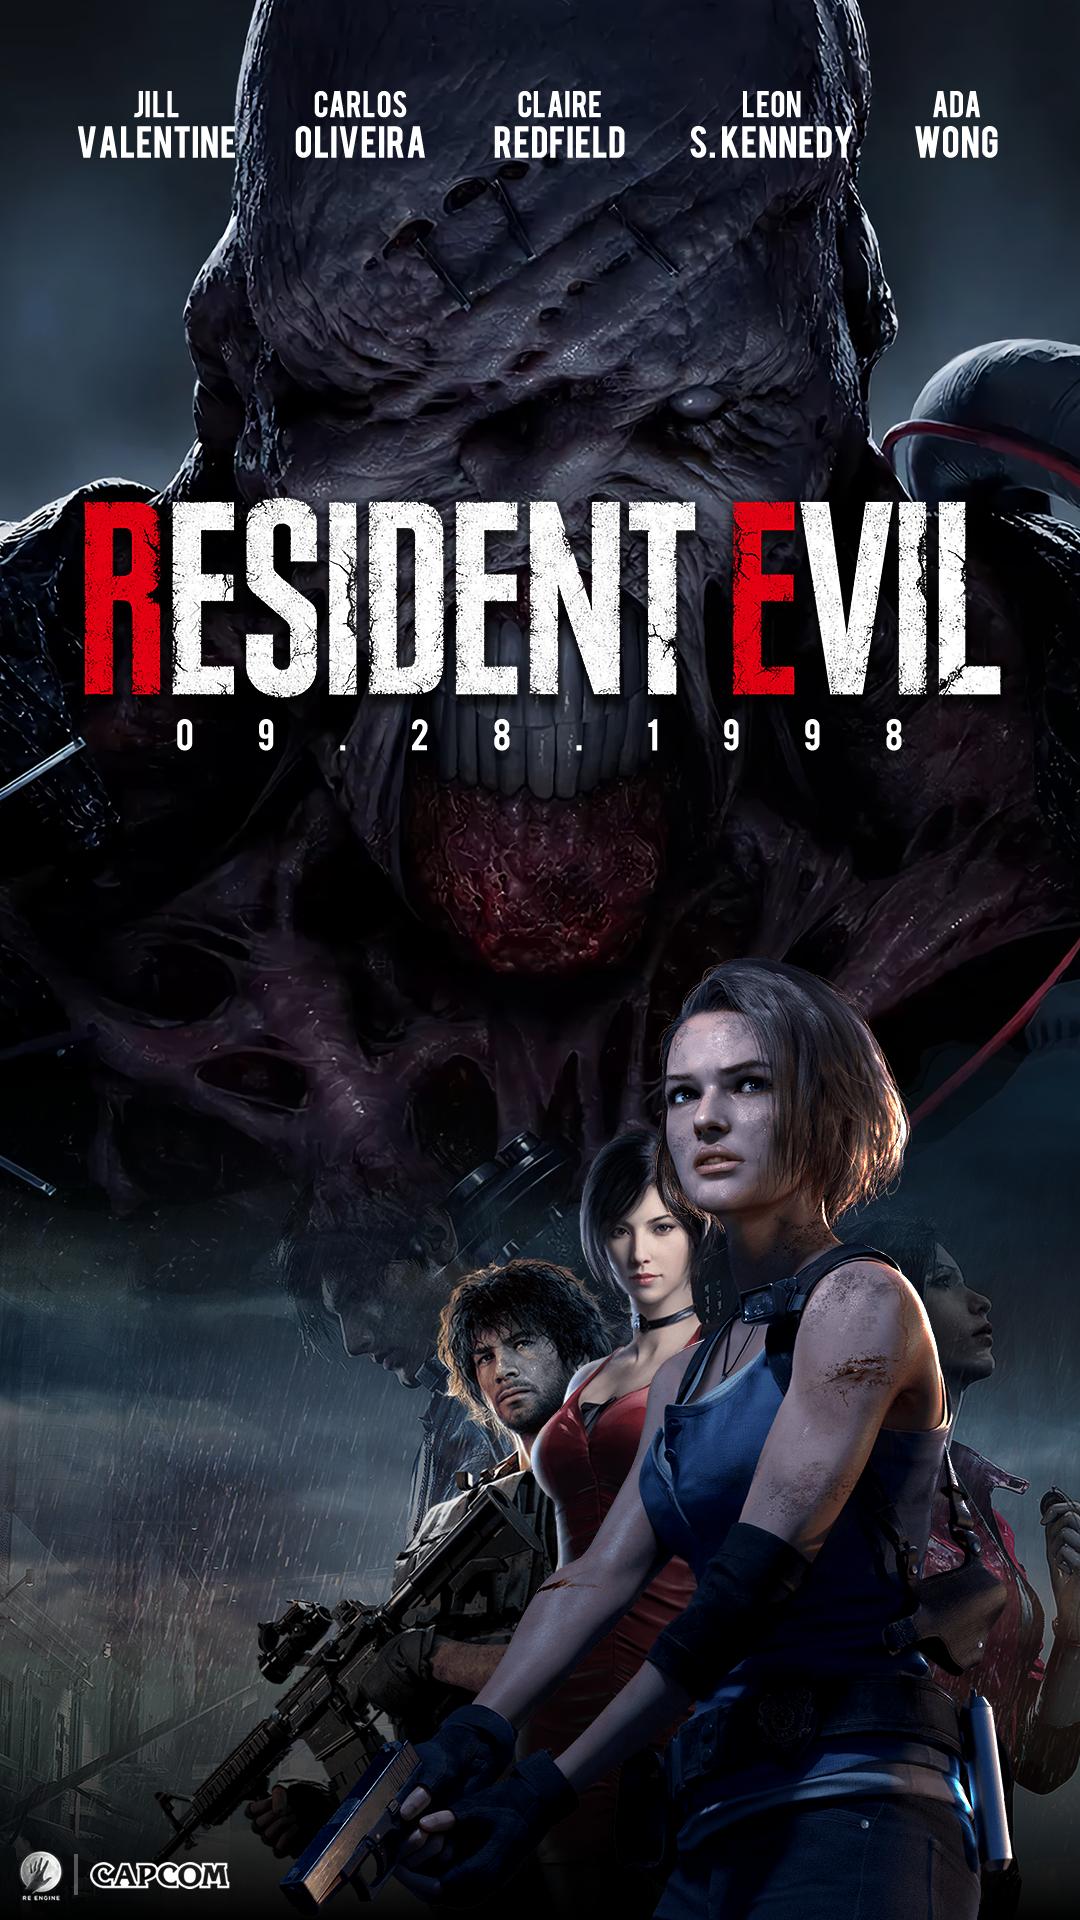 Resident Evil Remake Poster Wallpaper By Cporsdesigns On Deviantart